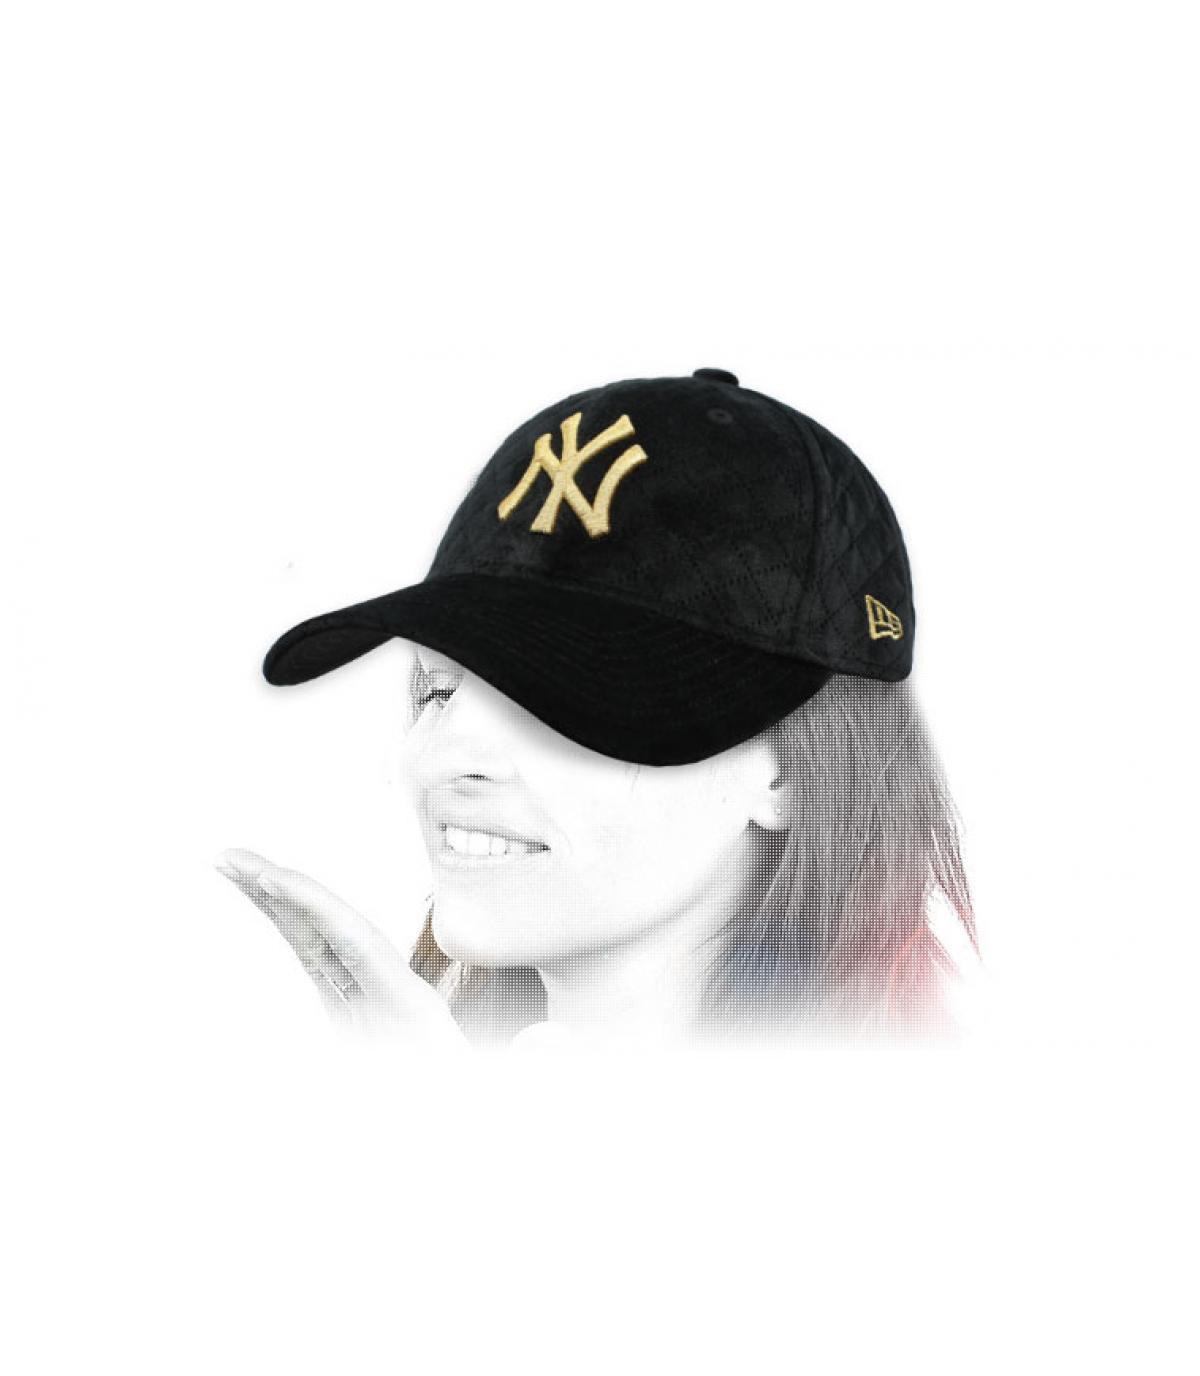 casquette femme NY noir